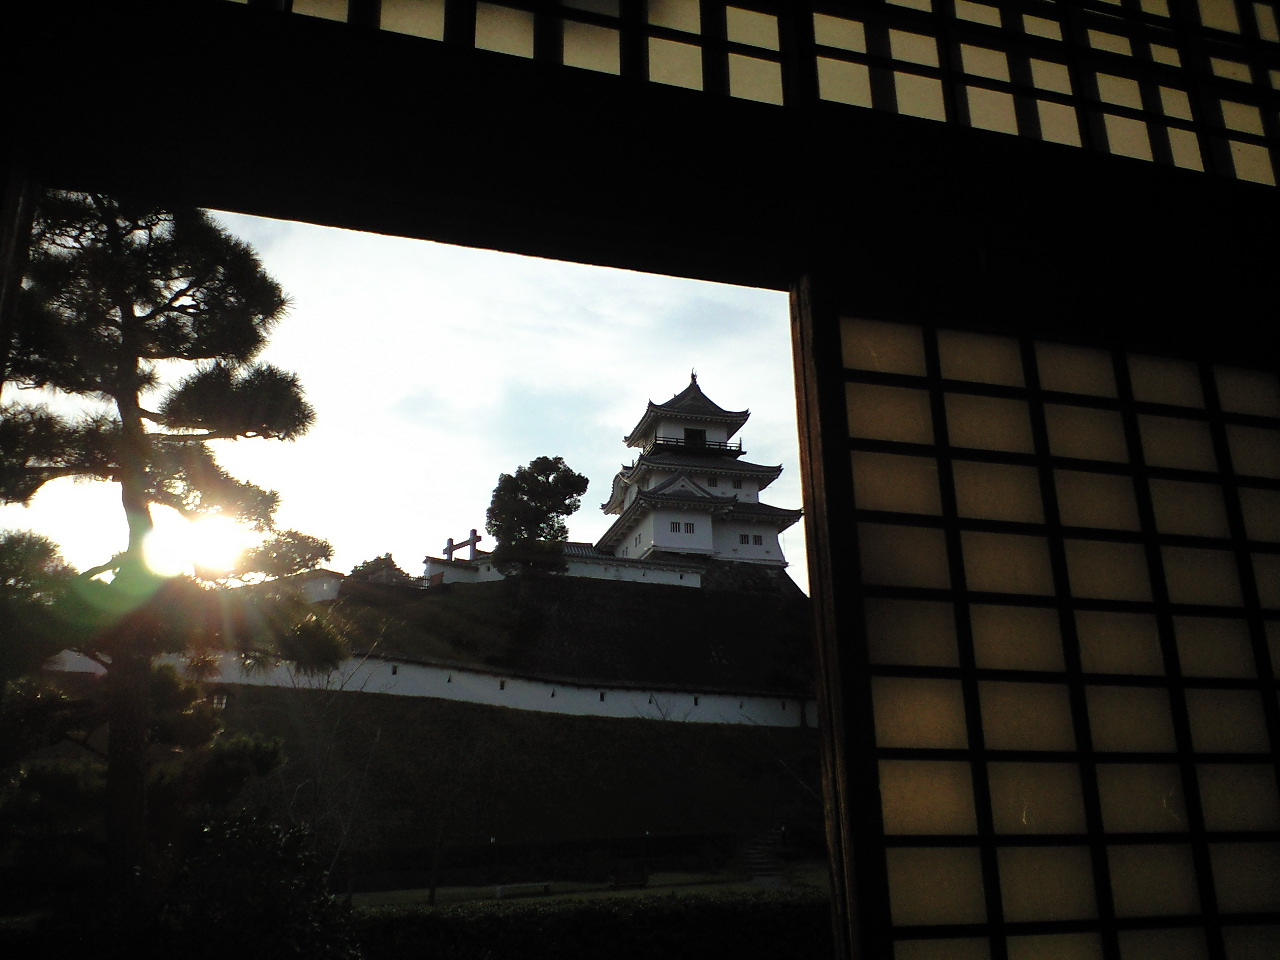 掛川城と、猫。